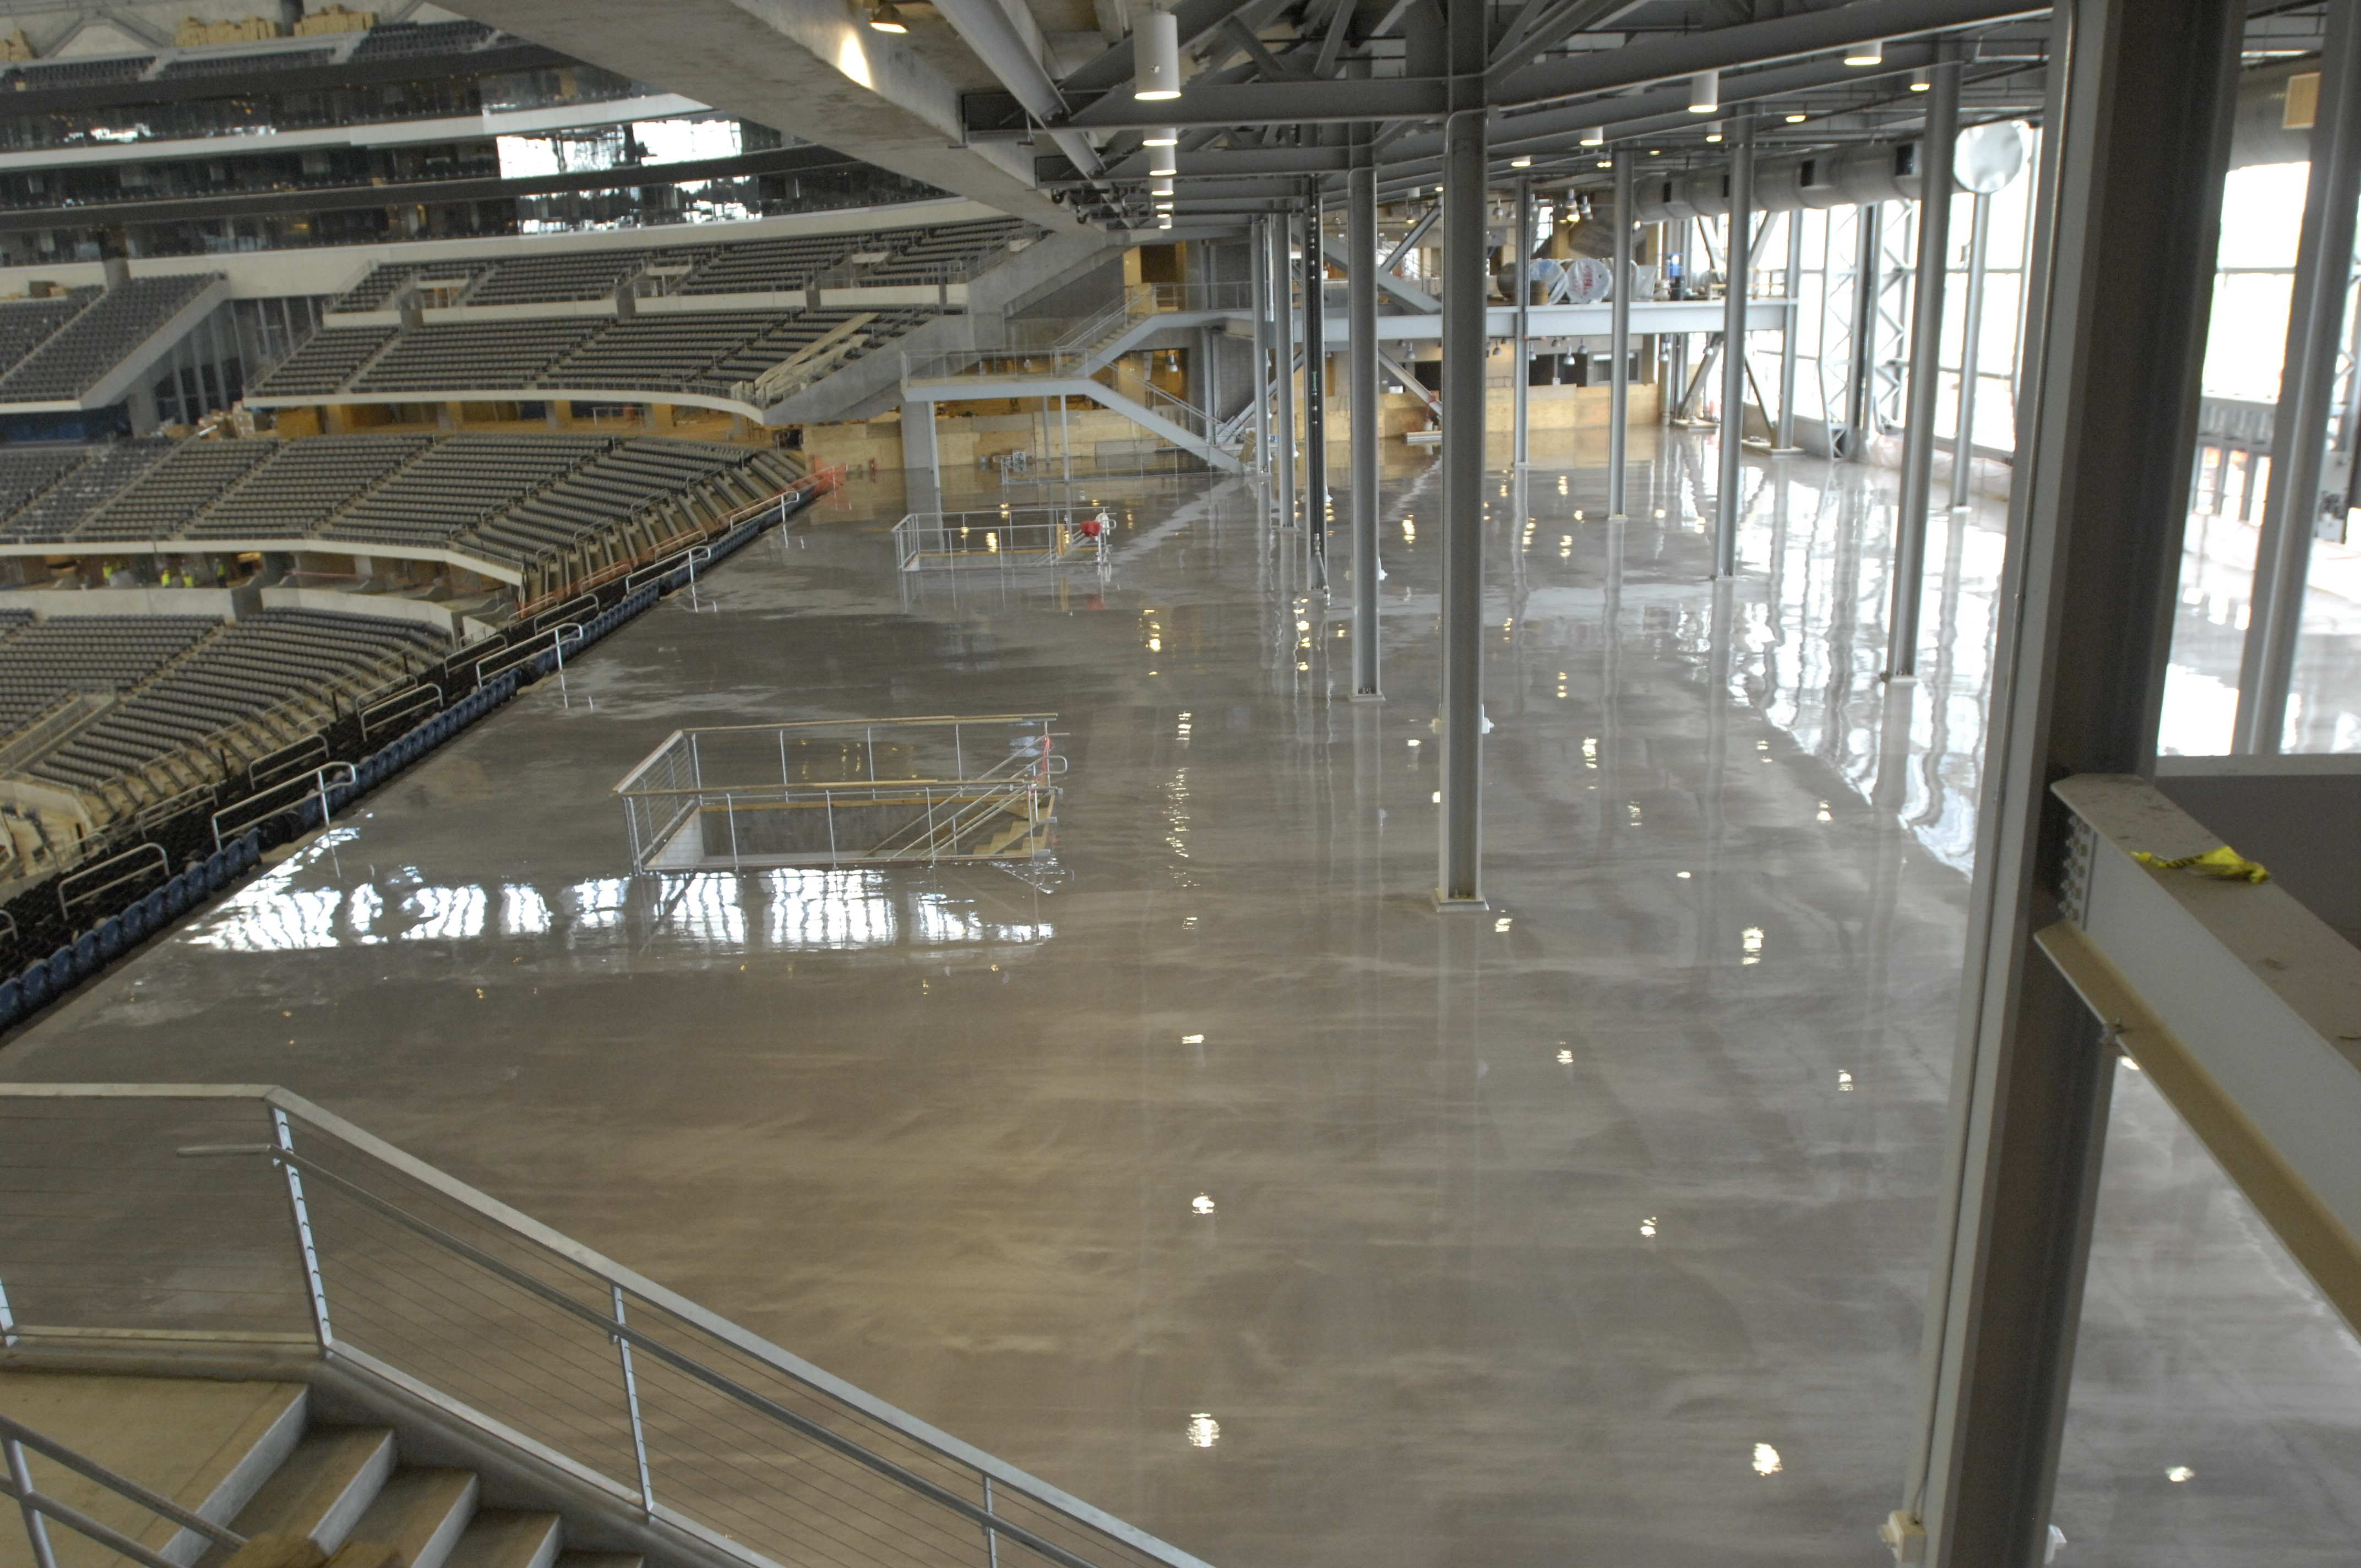 Techniquex - Resinous Flooring | LinkedIn